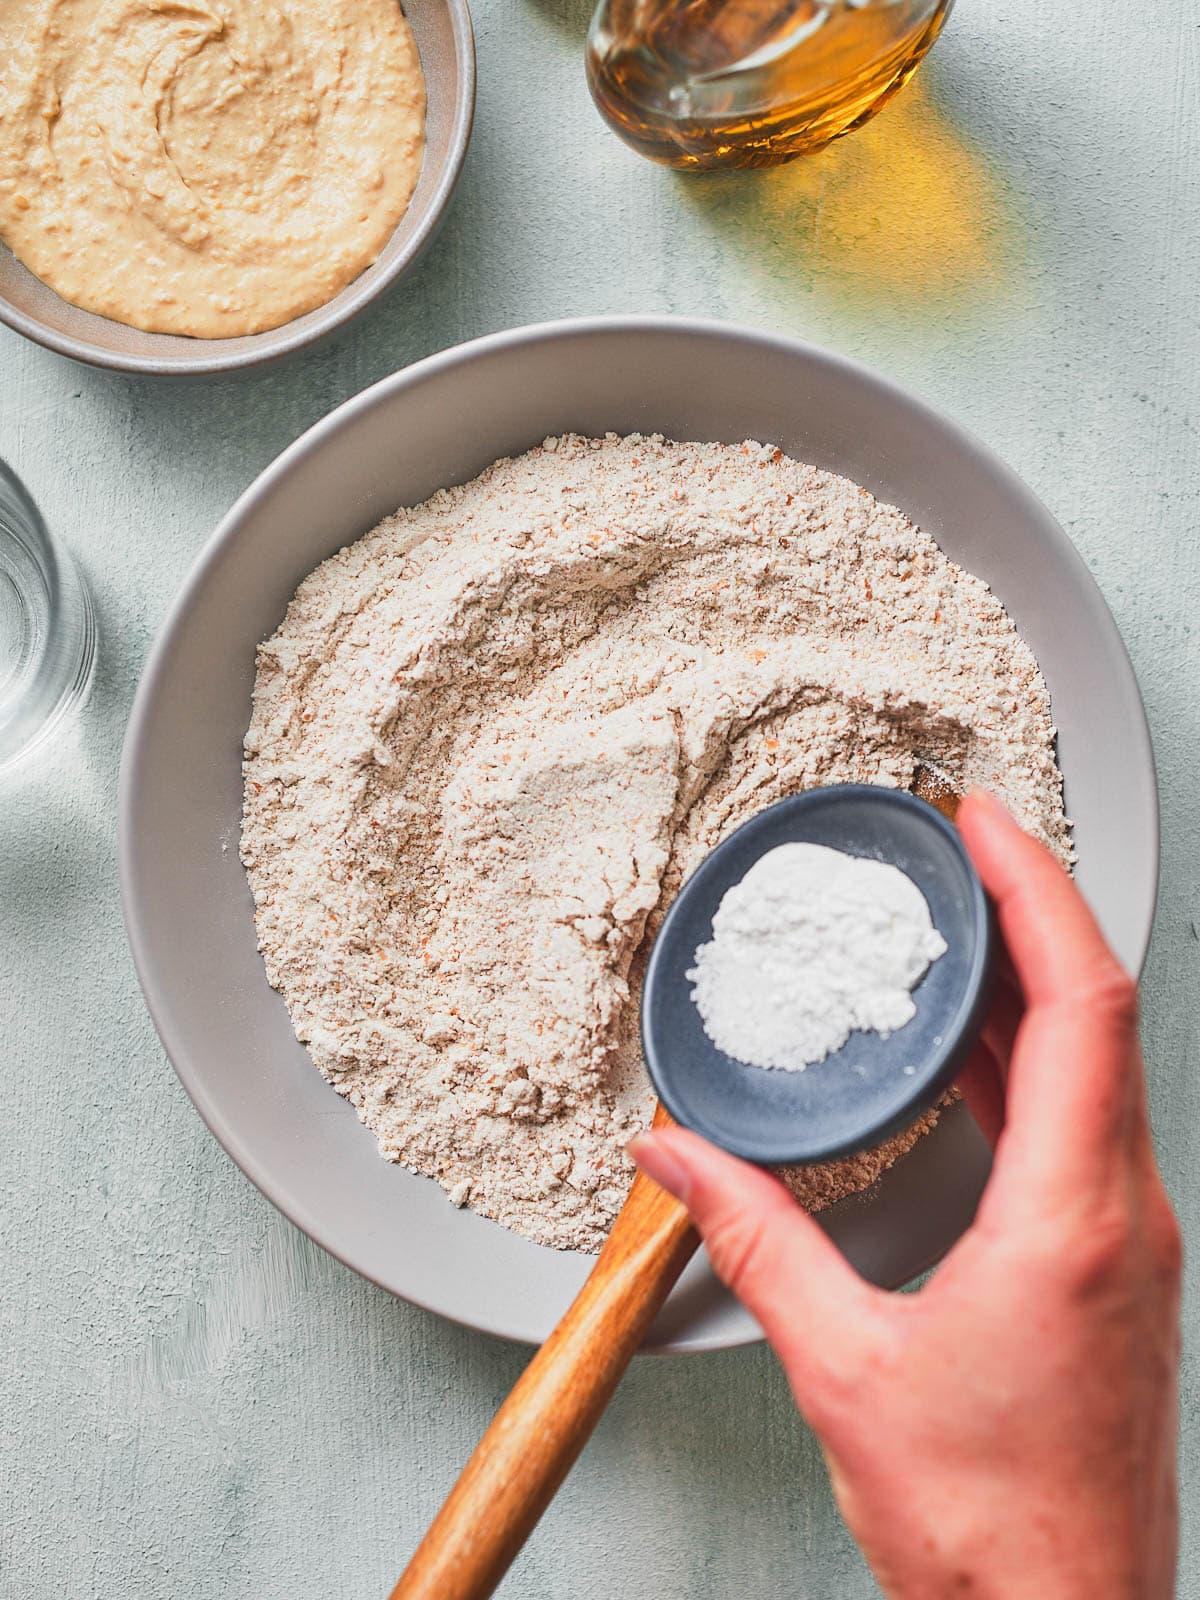 Adding baking powder and salt to the flour